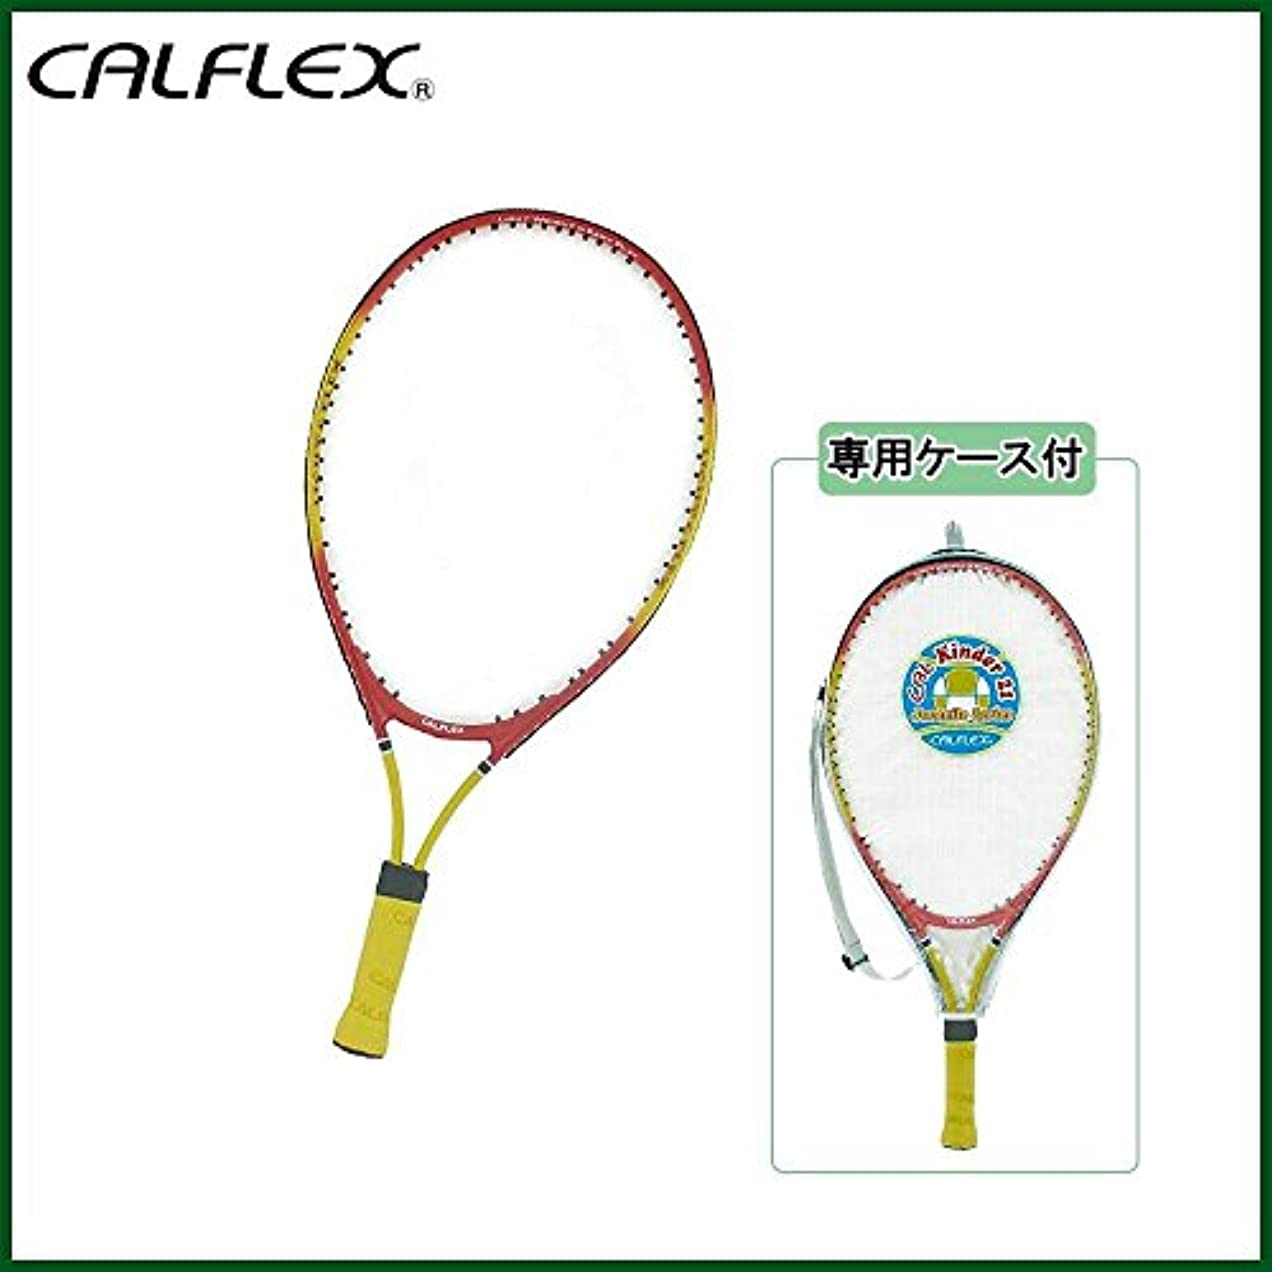 不承認バック助けになるCALFLEX カルフレックス 硬式 キッズ用 テニスラケット 専用ケース付 レッド×イエロー CAL-21-III